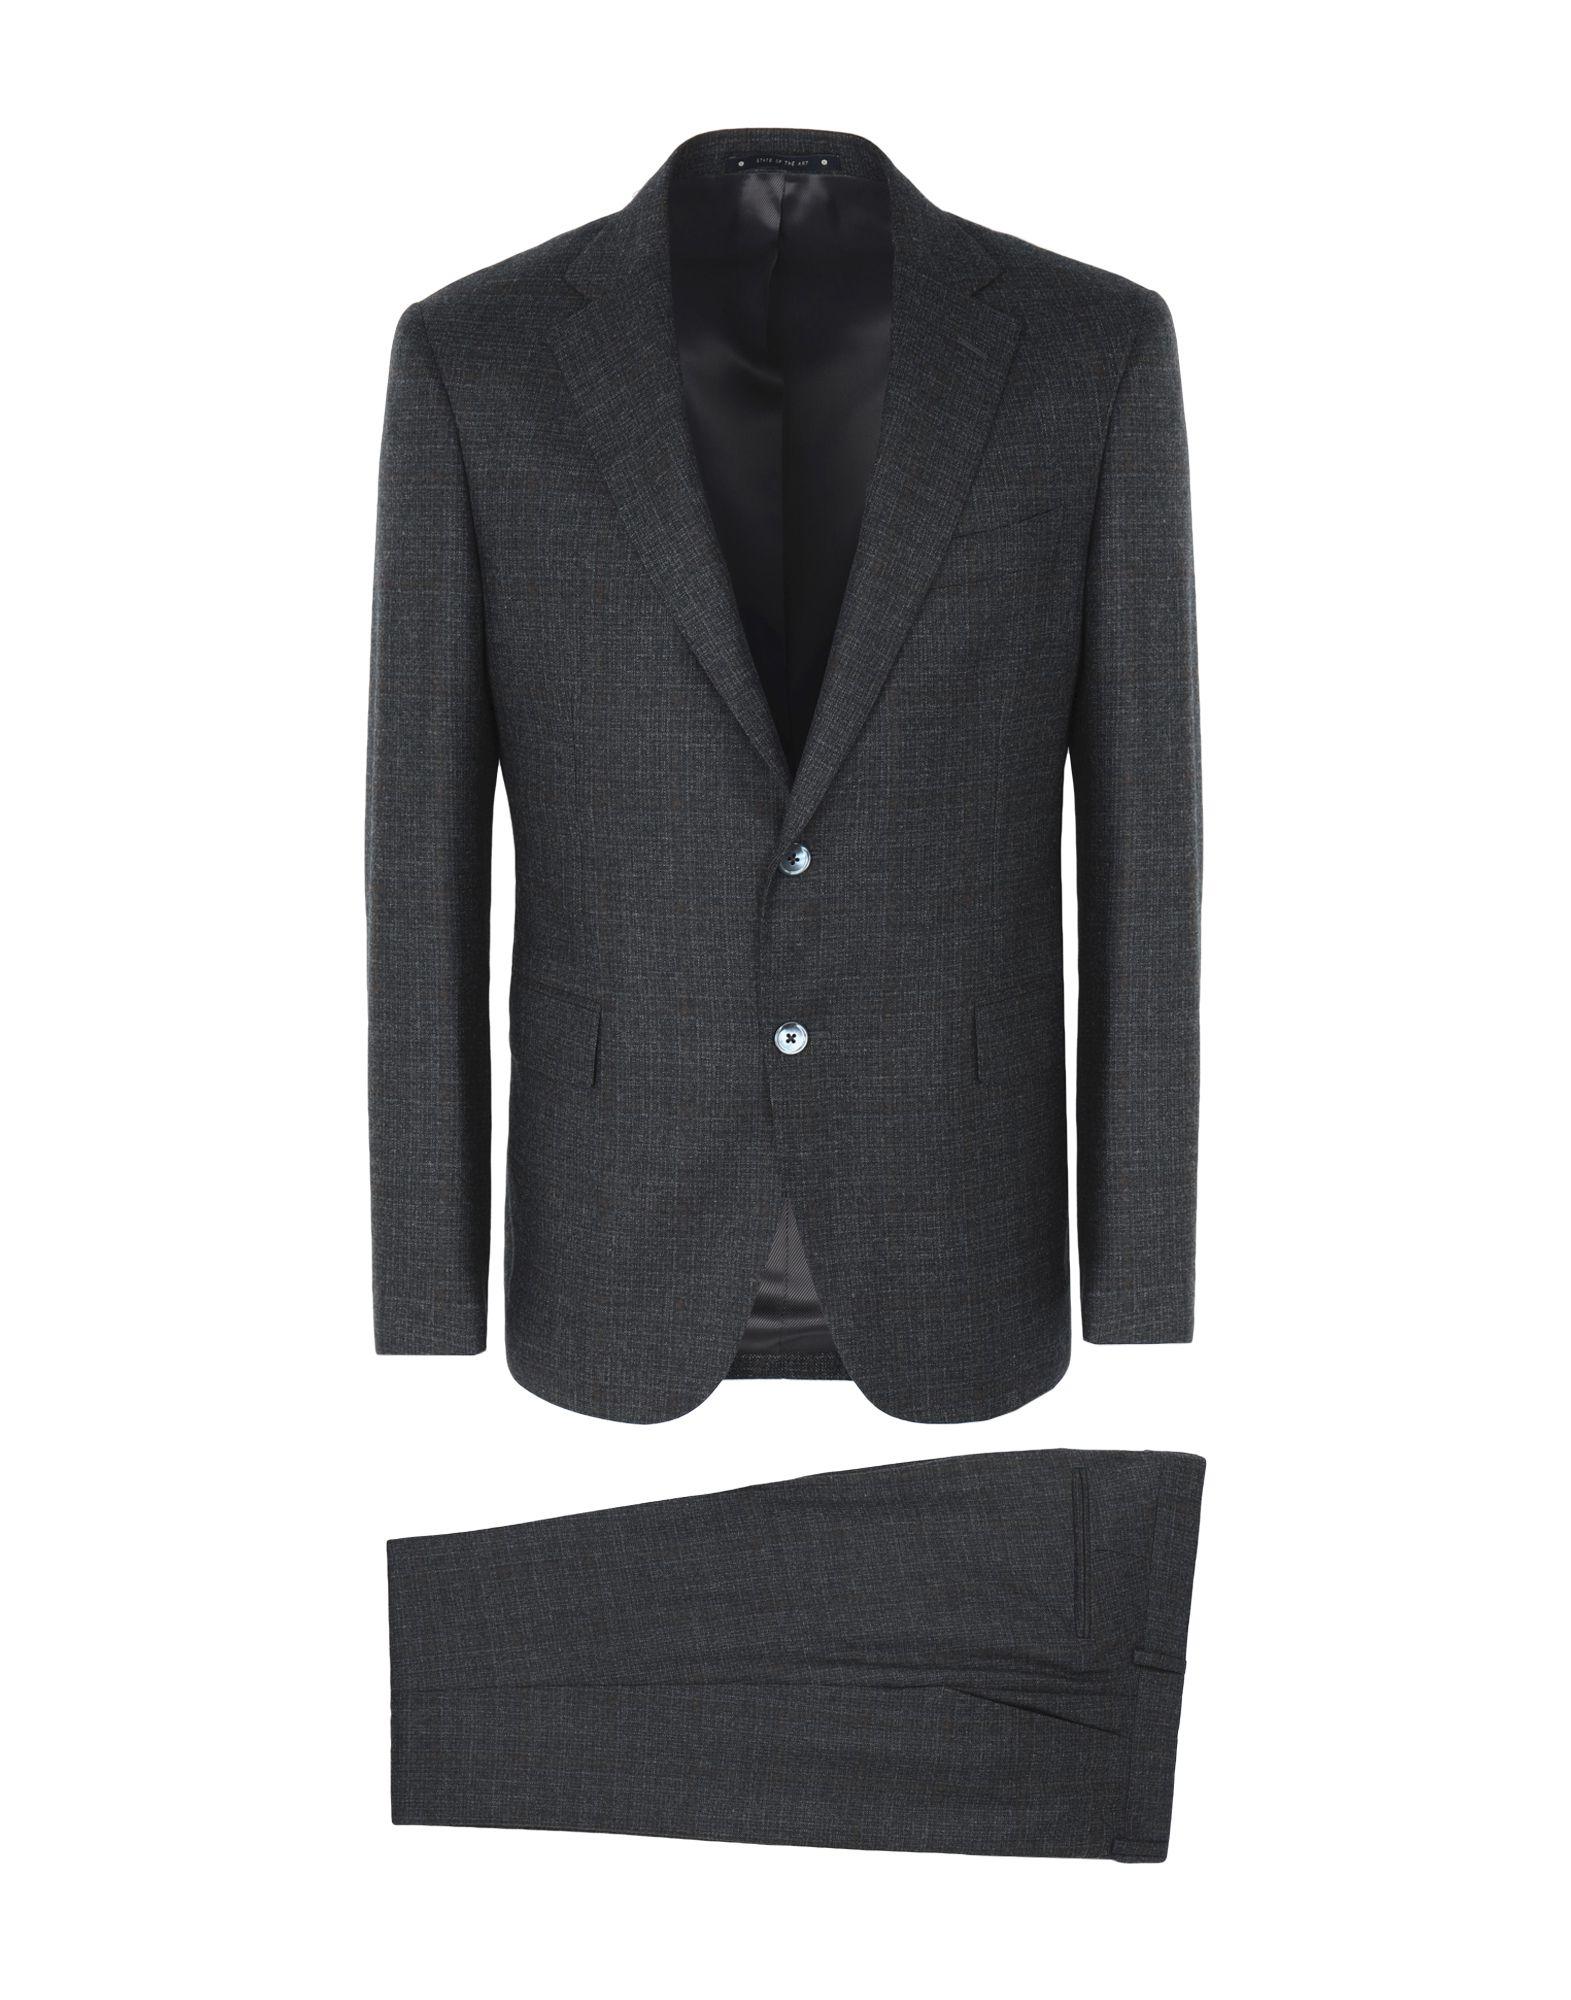 《送料無料》BAGNOLI Sartoria Napoli メンズ スーツ グレー 50 バージンウール 100%